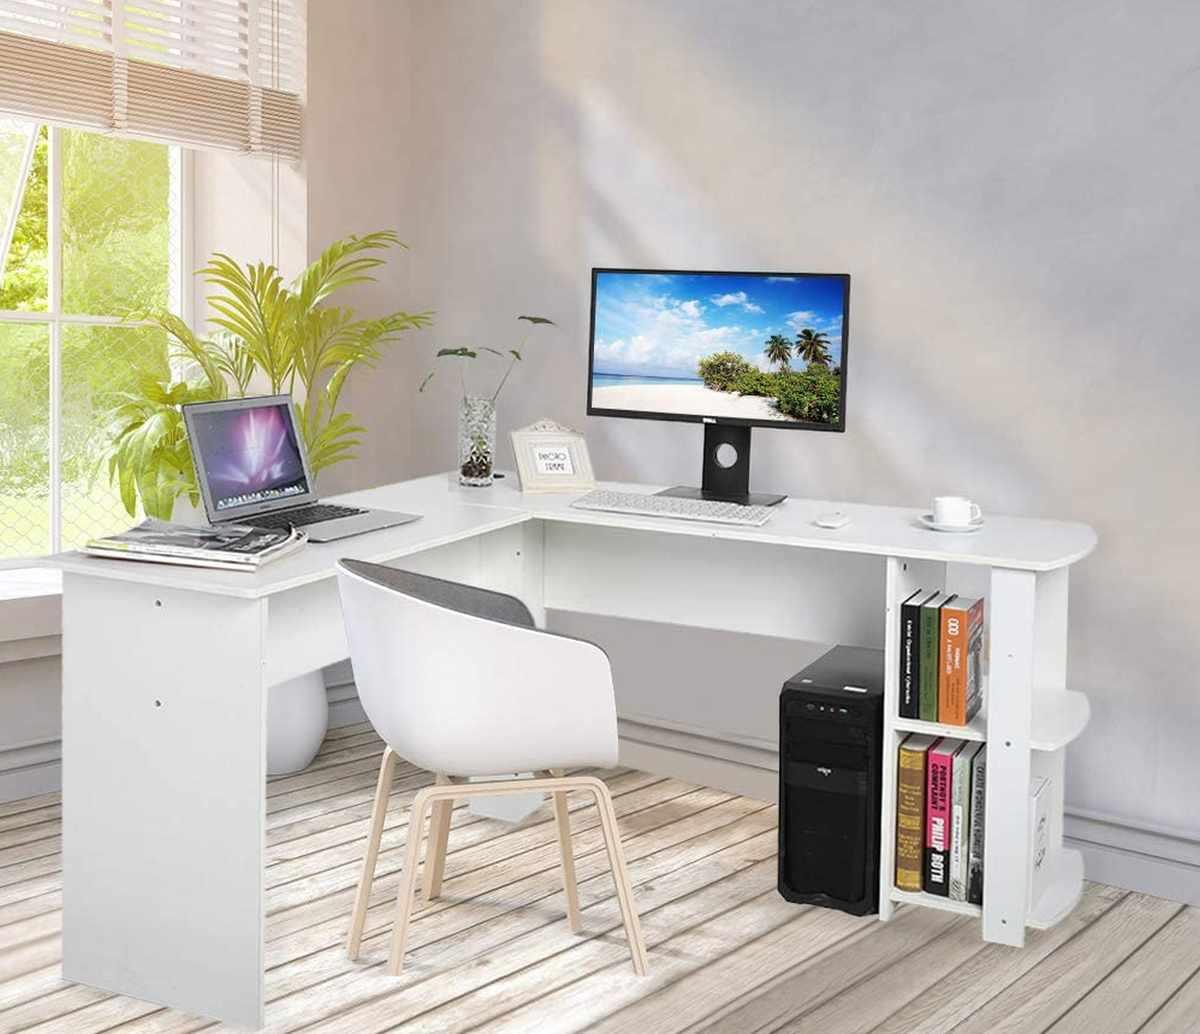 scrivania-angolare-pc-computer-ufficio-amazon-low-cost-economica-stile-moderno-bianca